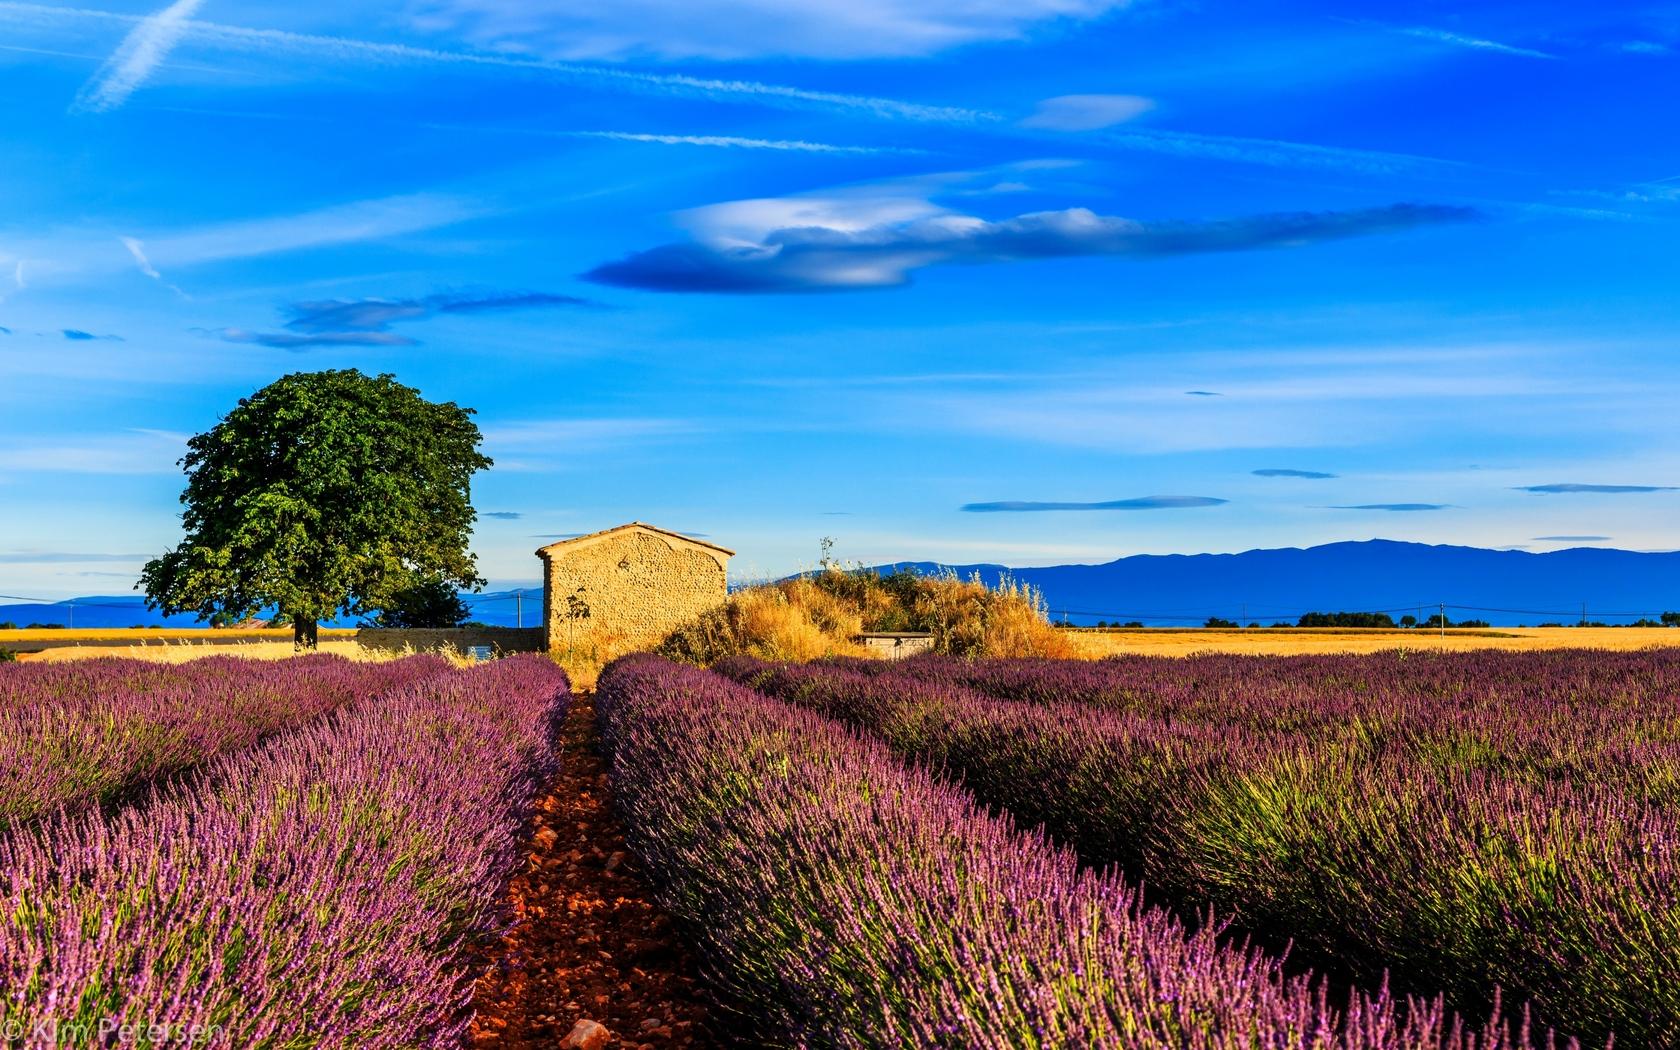 fields-nature-image.jpg